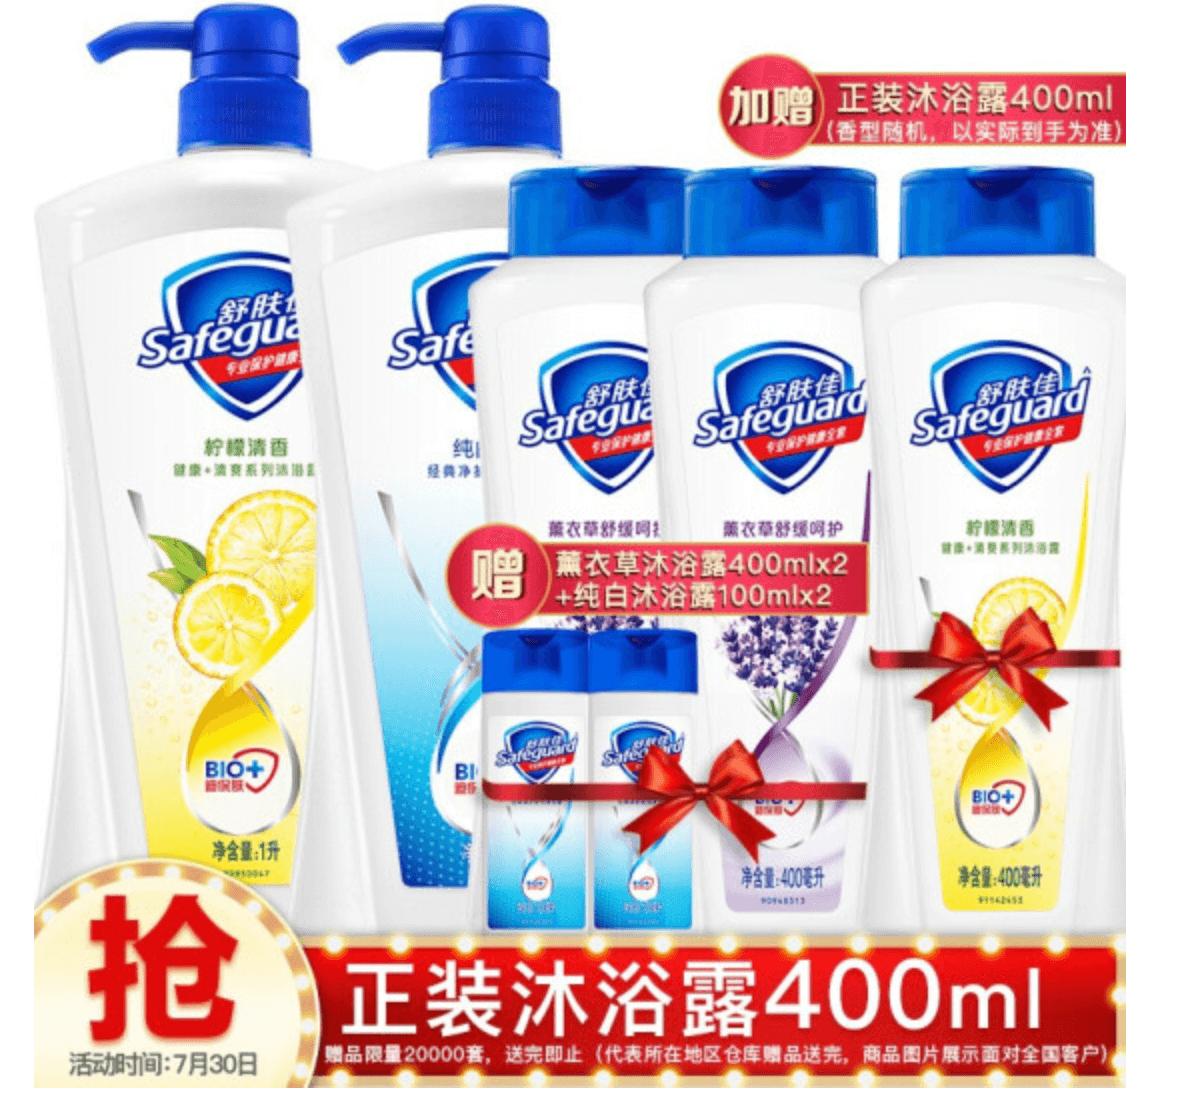 舒肤佳沐浴露套装推荐 - 3000ml 超大装无皂基 男士女士通用